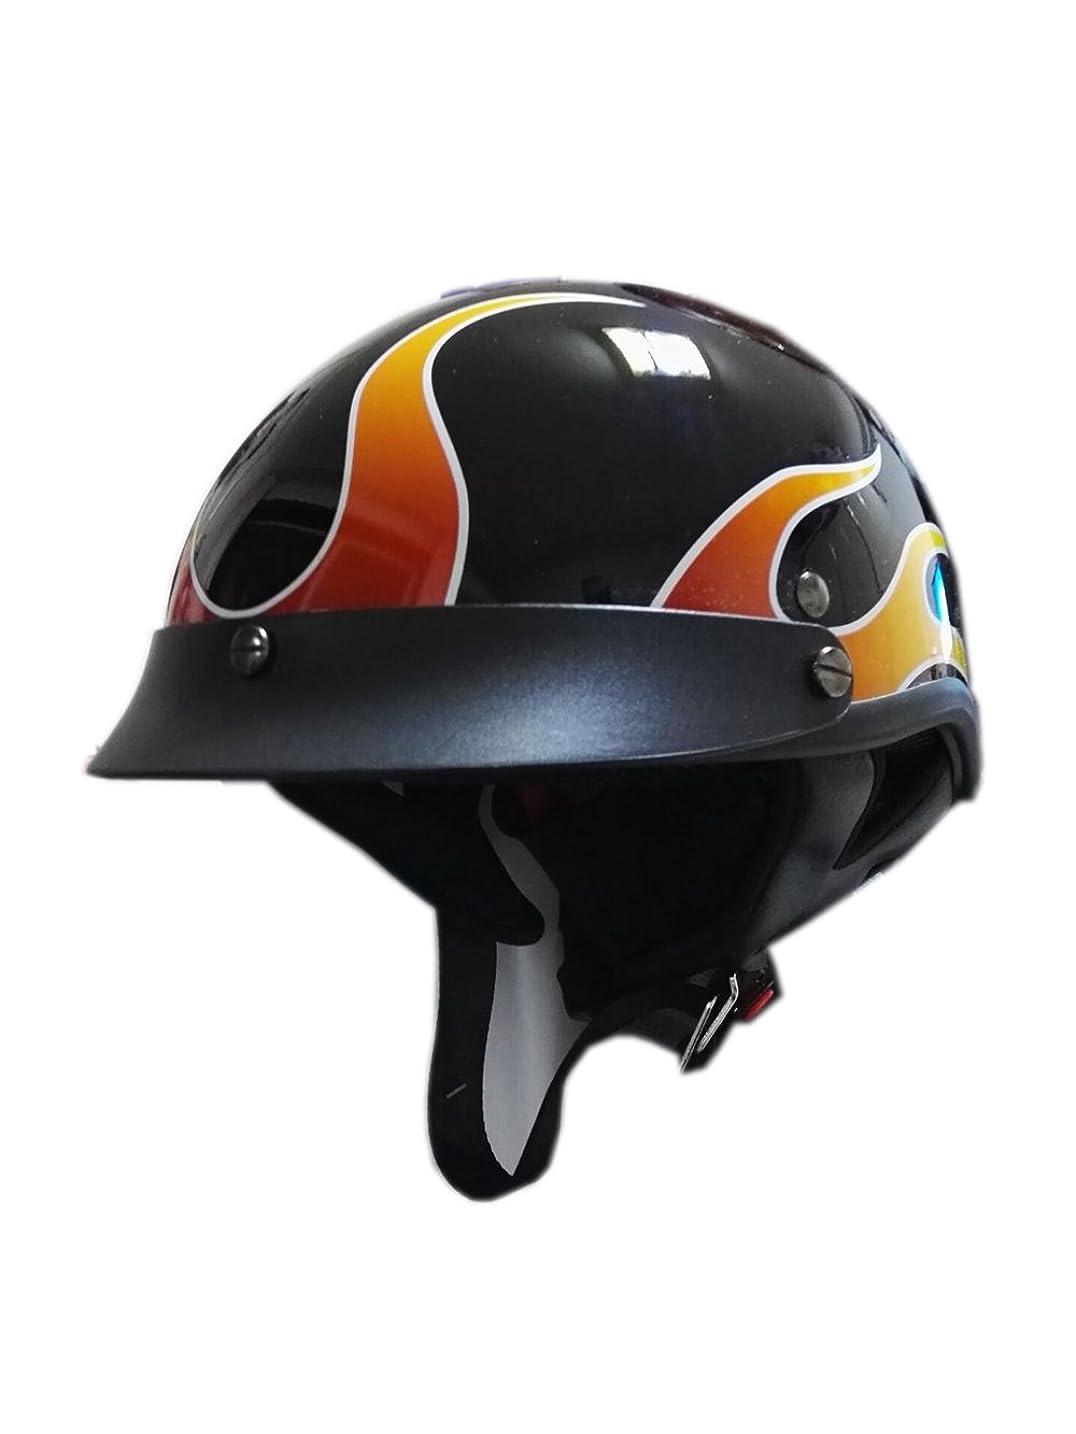 わかりやすい政治家コンチネンタルX.N.S(希望) ハーフヘルメット 夏用 バイクヘ ルメット 半帽 ヘルメット (M)